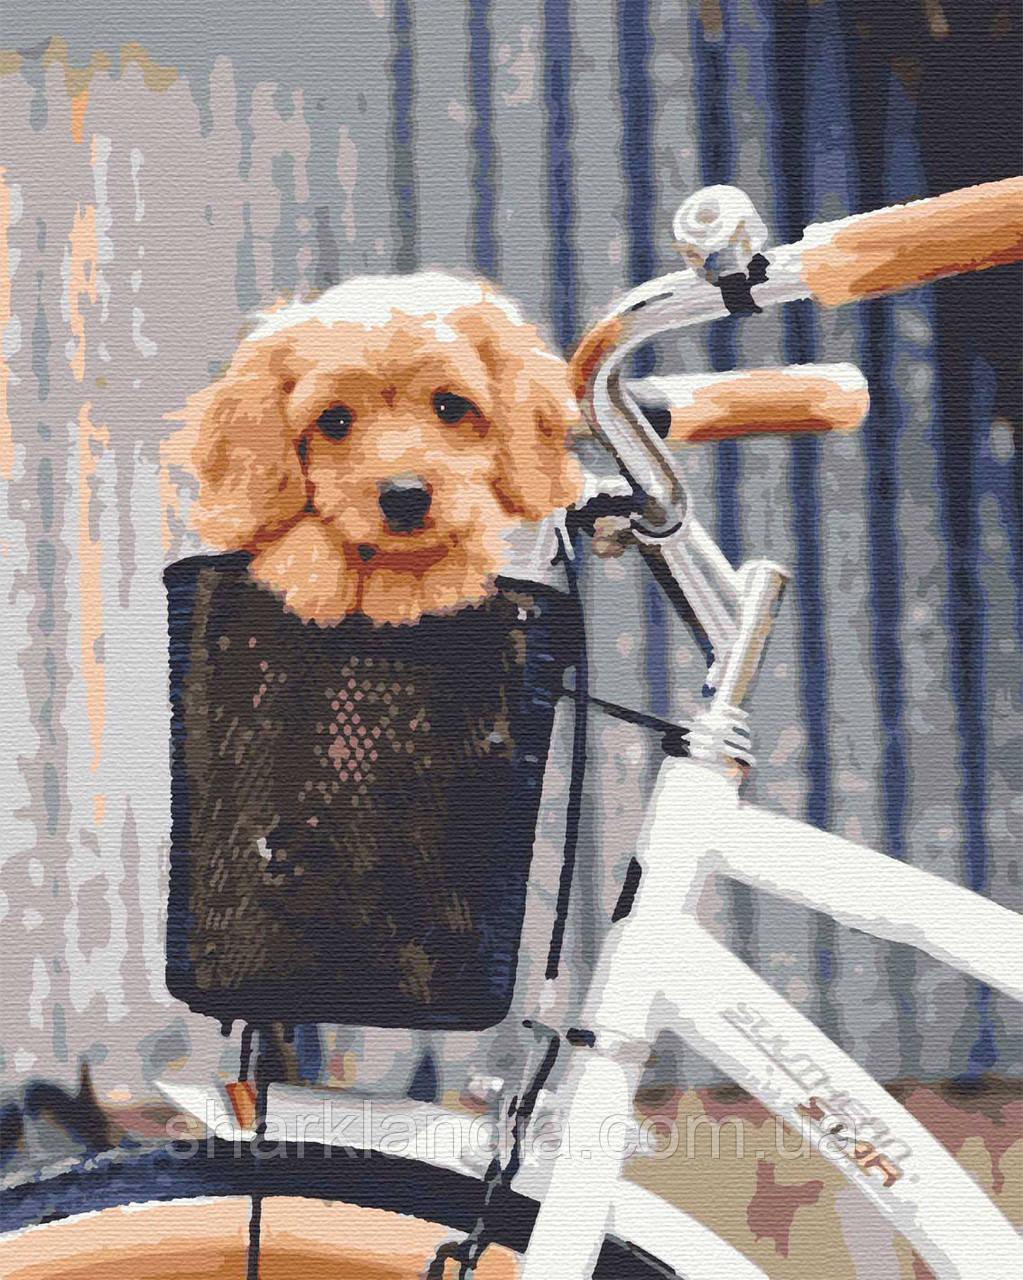 Картина за номерами Подорож 40*50см Riviera Blanca Розмальовки Пес в велосипеді Авто Прикольні